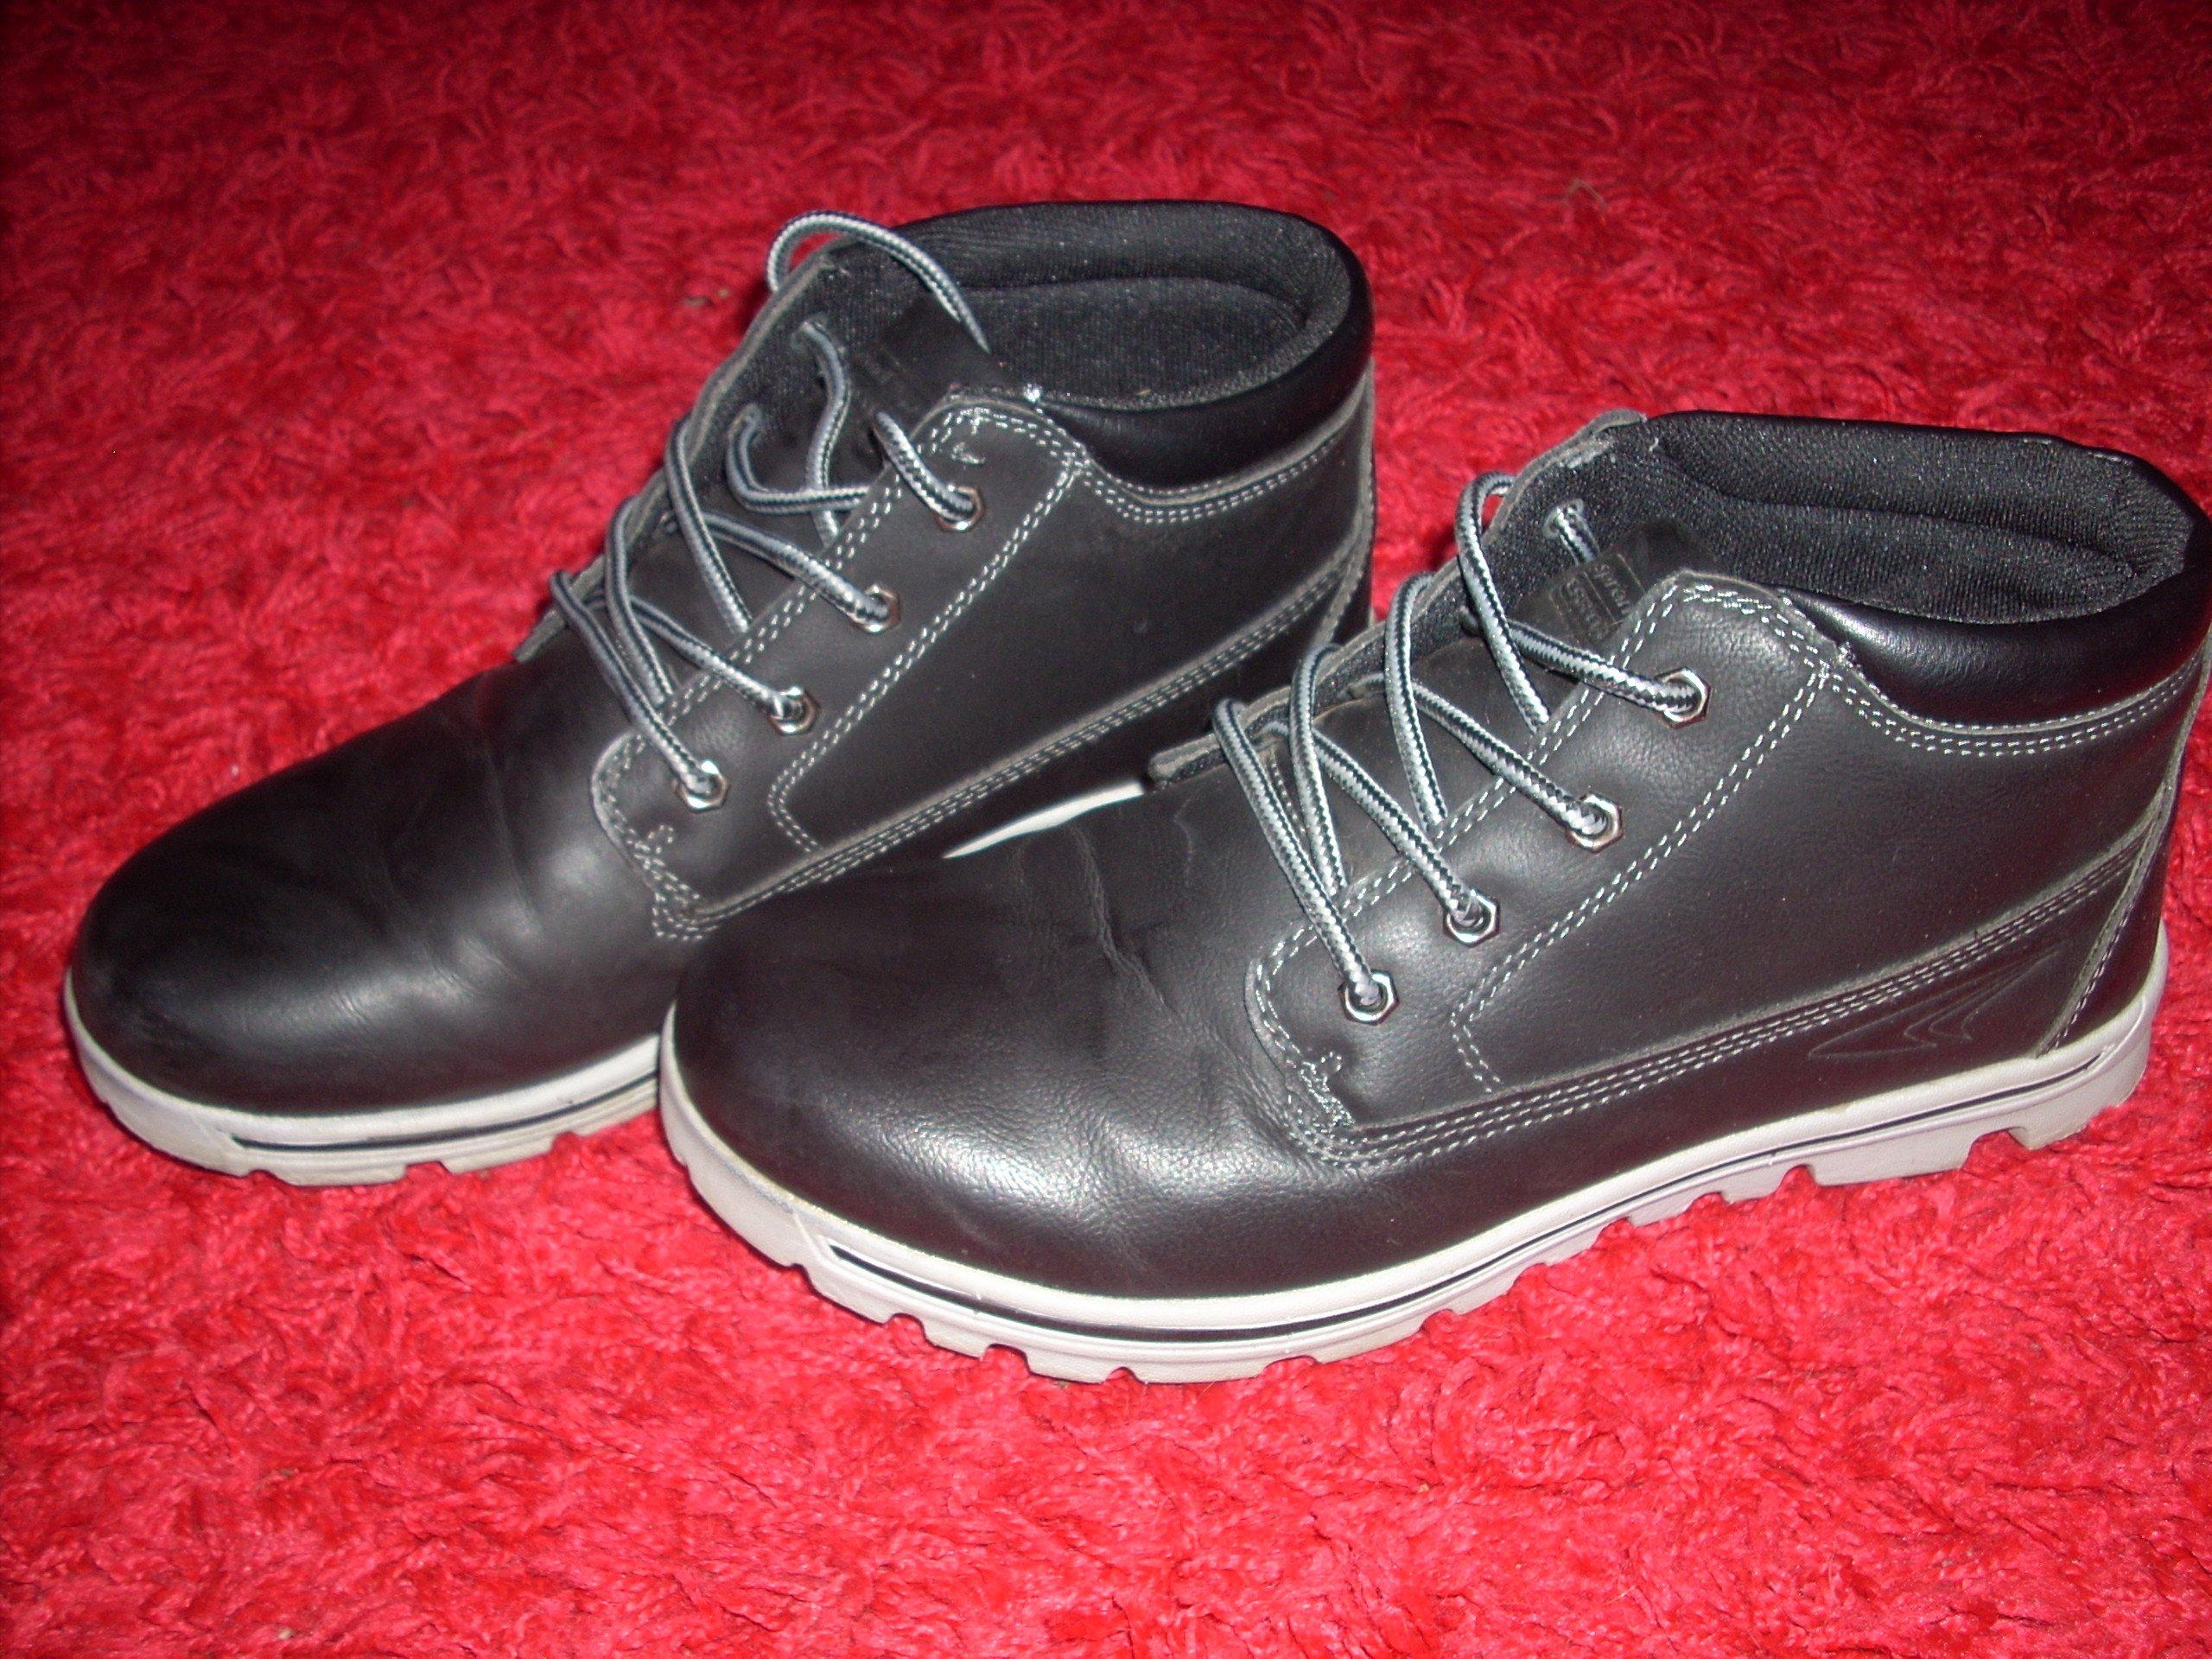 d12ec267d06bb obuwie męskie sprandi - 7161027474 - oficjalne archiwum allegro